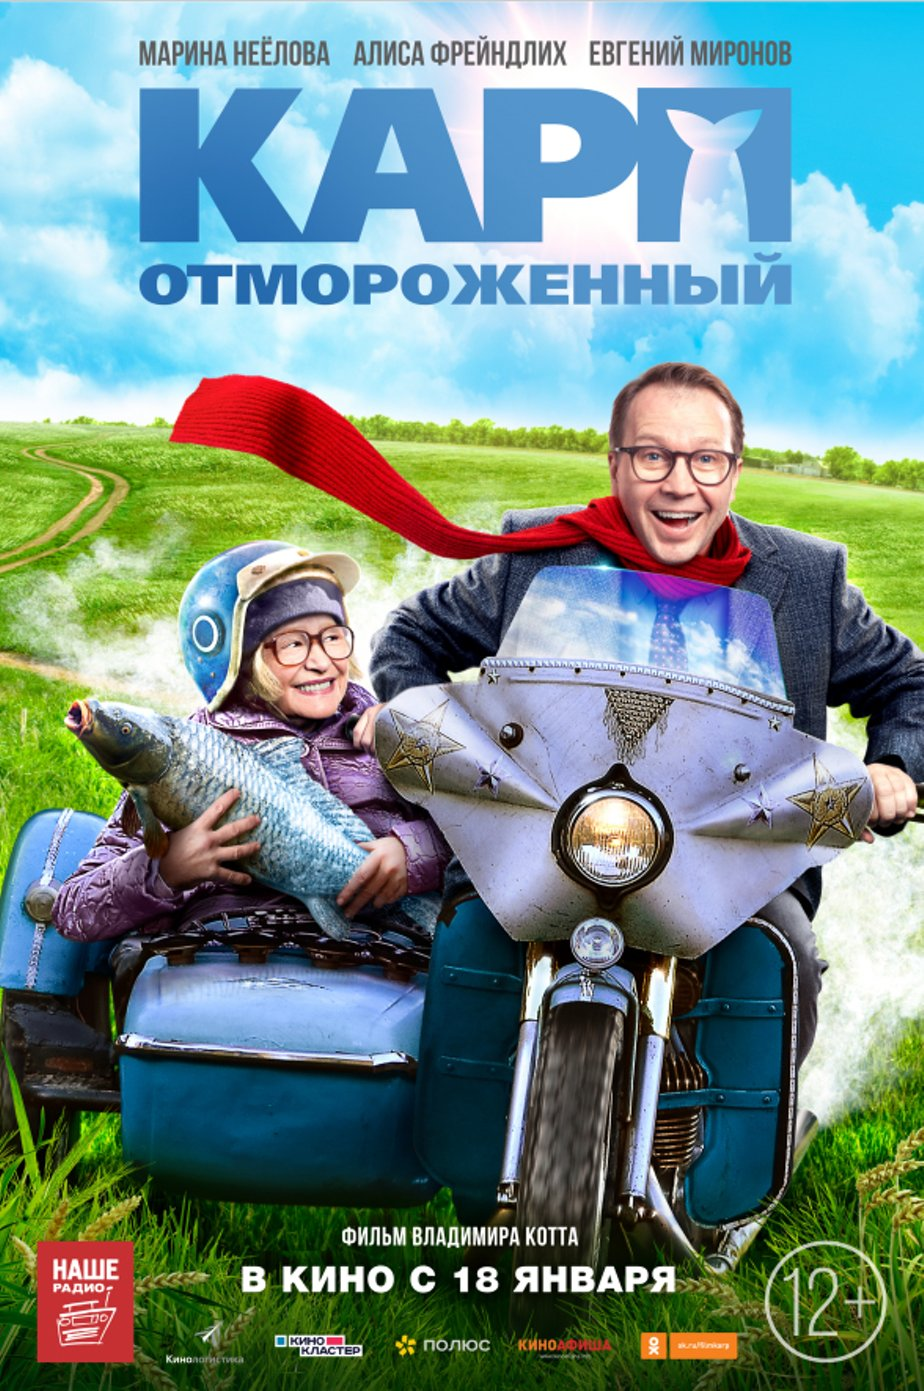 Комедии россии 2018 список лучших фильмов